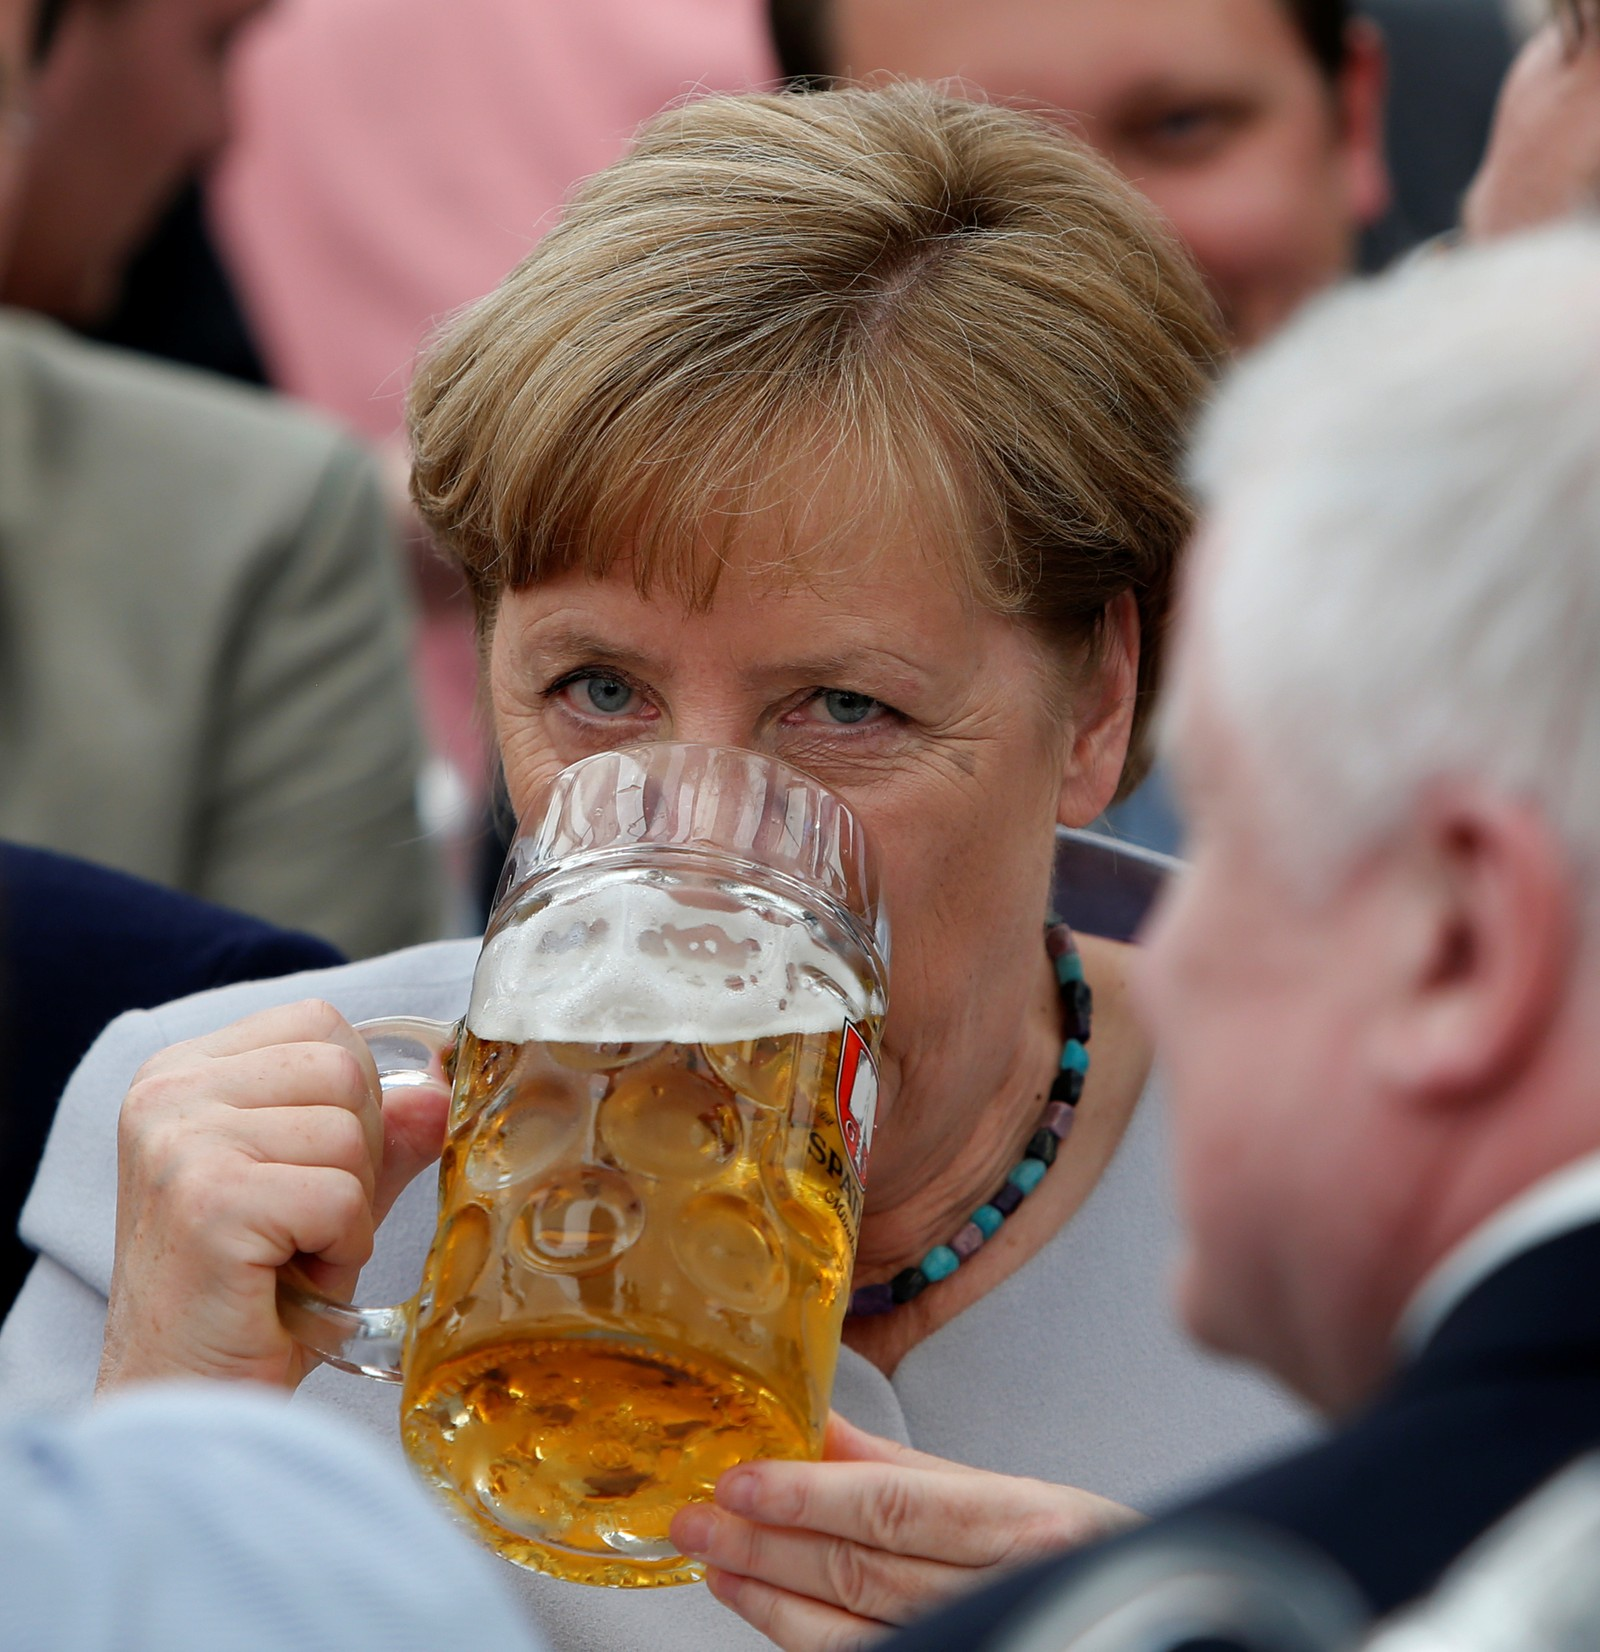 – Europa må ta skjebnen i egne hender, sa Angela Merkel på G7-møtet denne uka, med henvisning til samarbeidet med USA og Donald Trump. Under en festival i München tok hun ølglasset i egne hender.